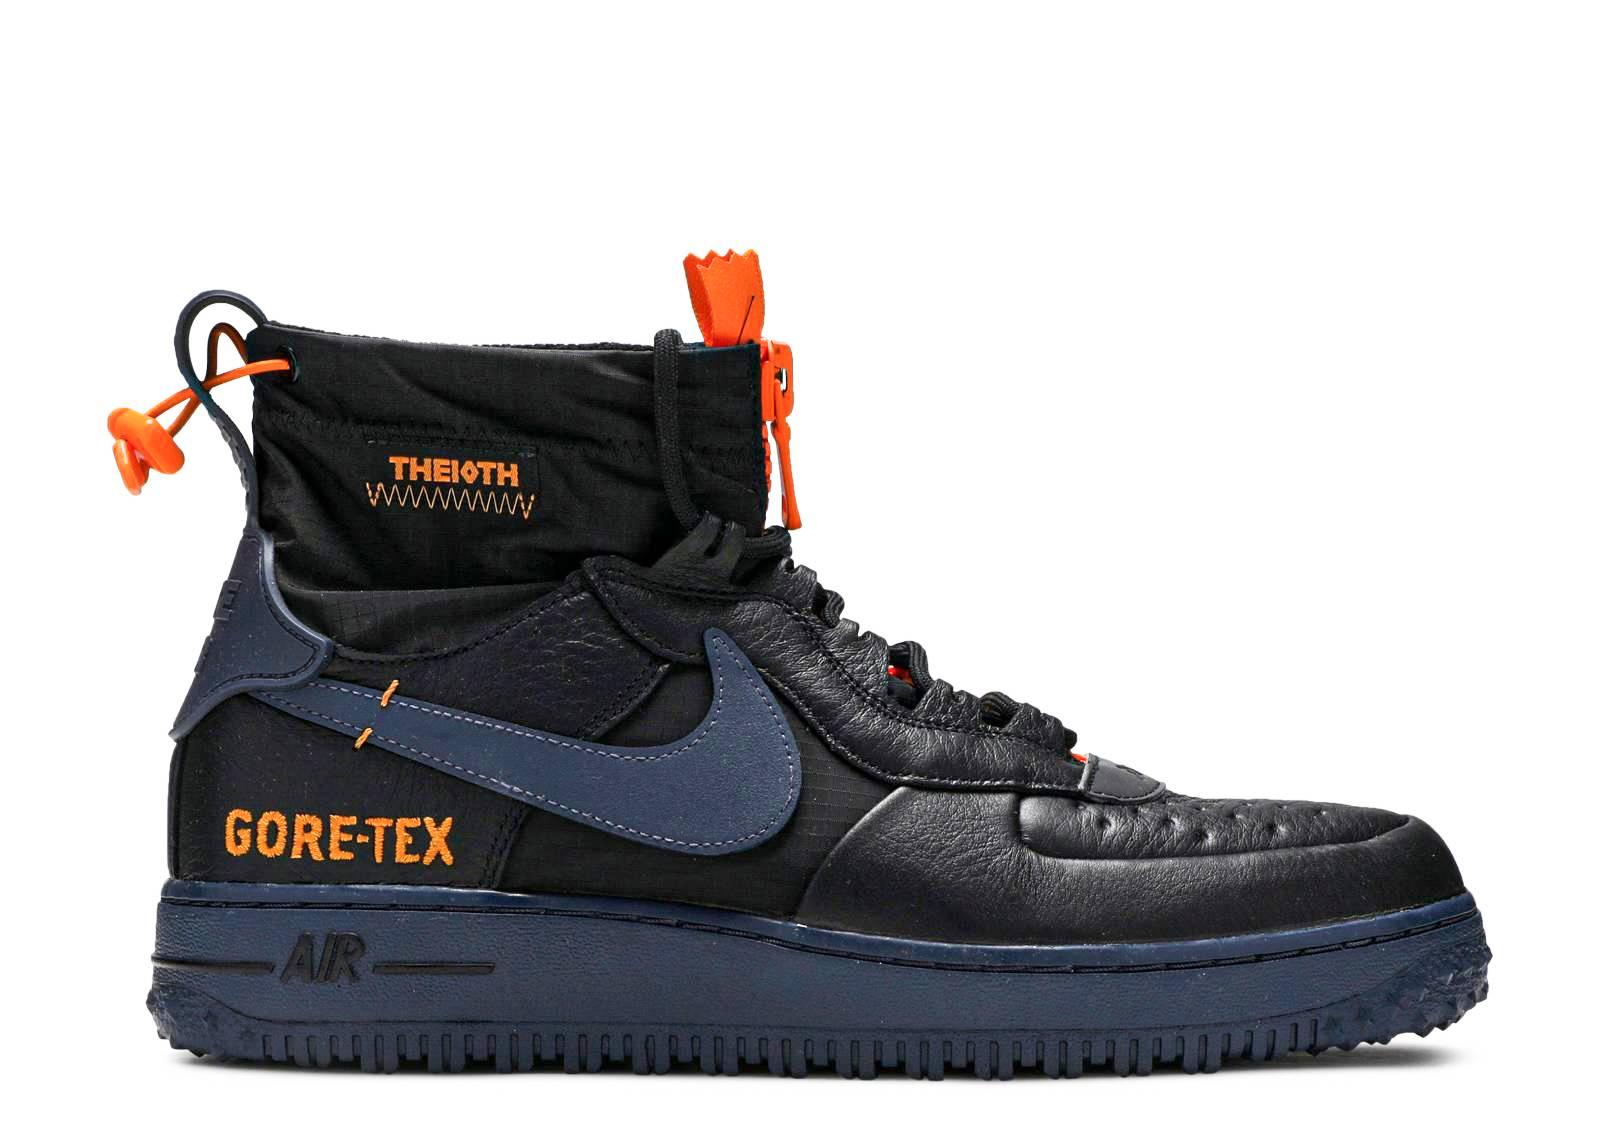 air force 1 goretex nike